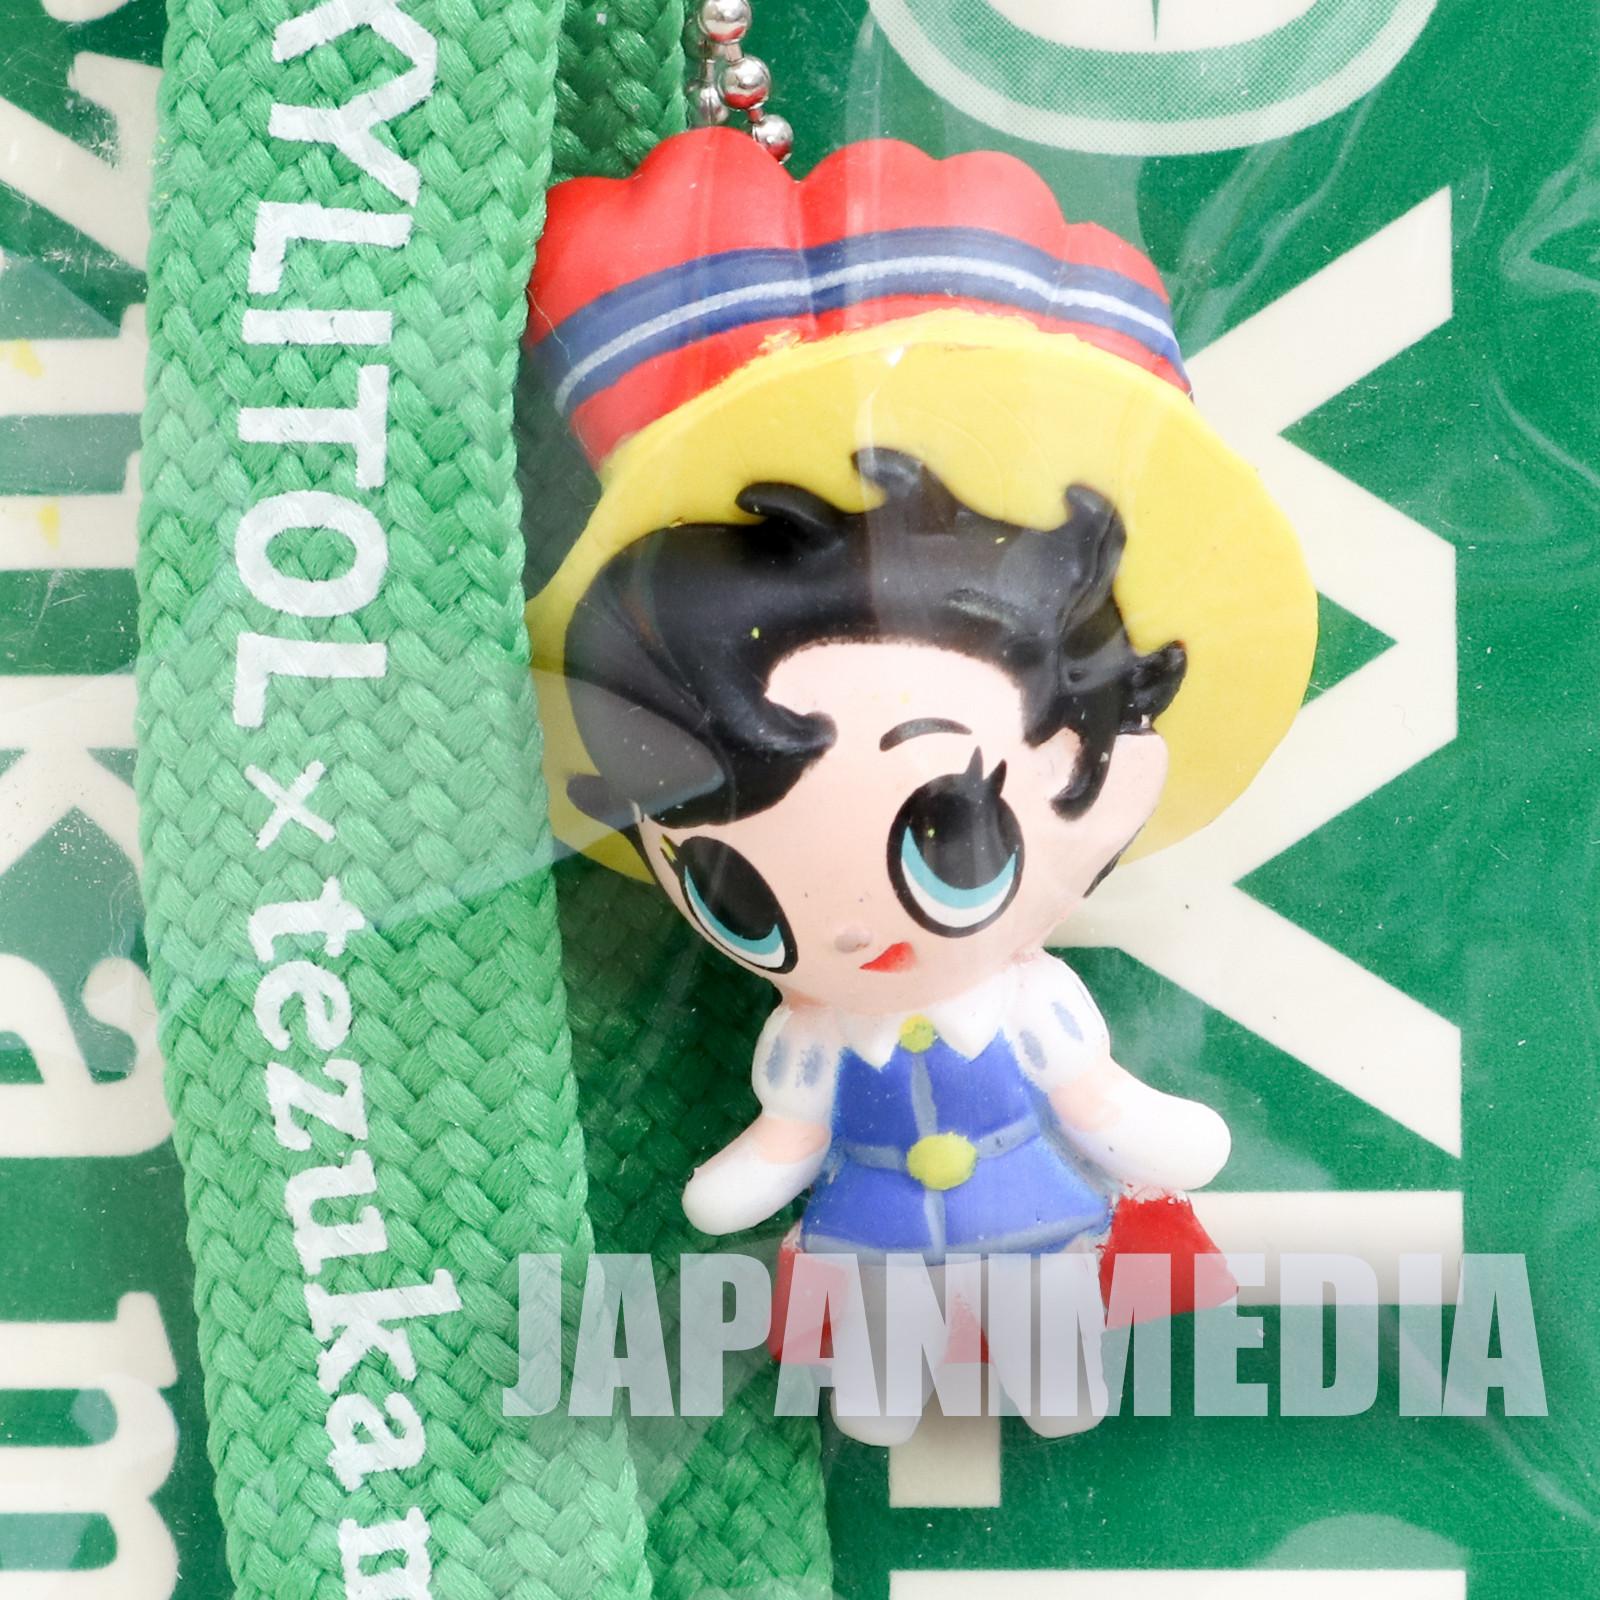 Princess Knight Sapphire Mascot Figure Strap XYLITOL 10th Anniversary Tezuka Osamu JAPAN ANIME